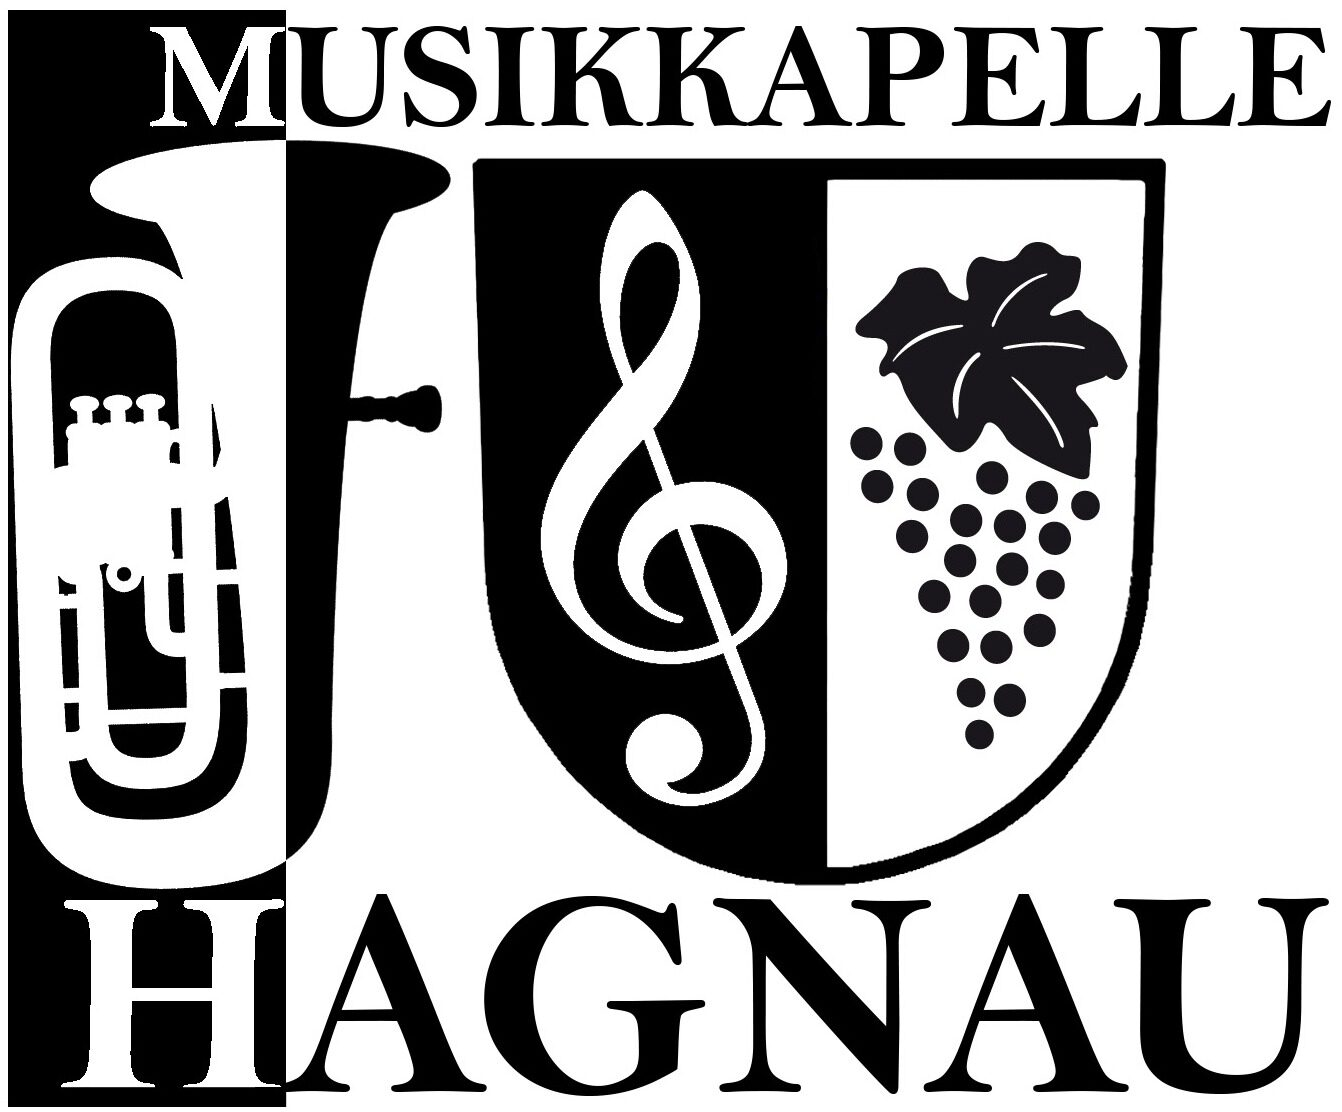 Musikkapelle Hagnau e.V.